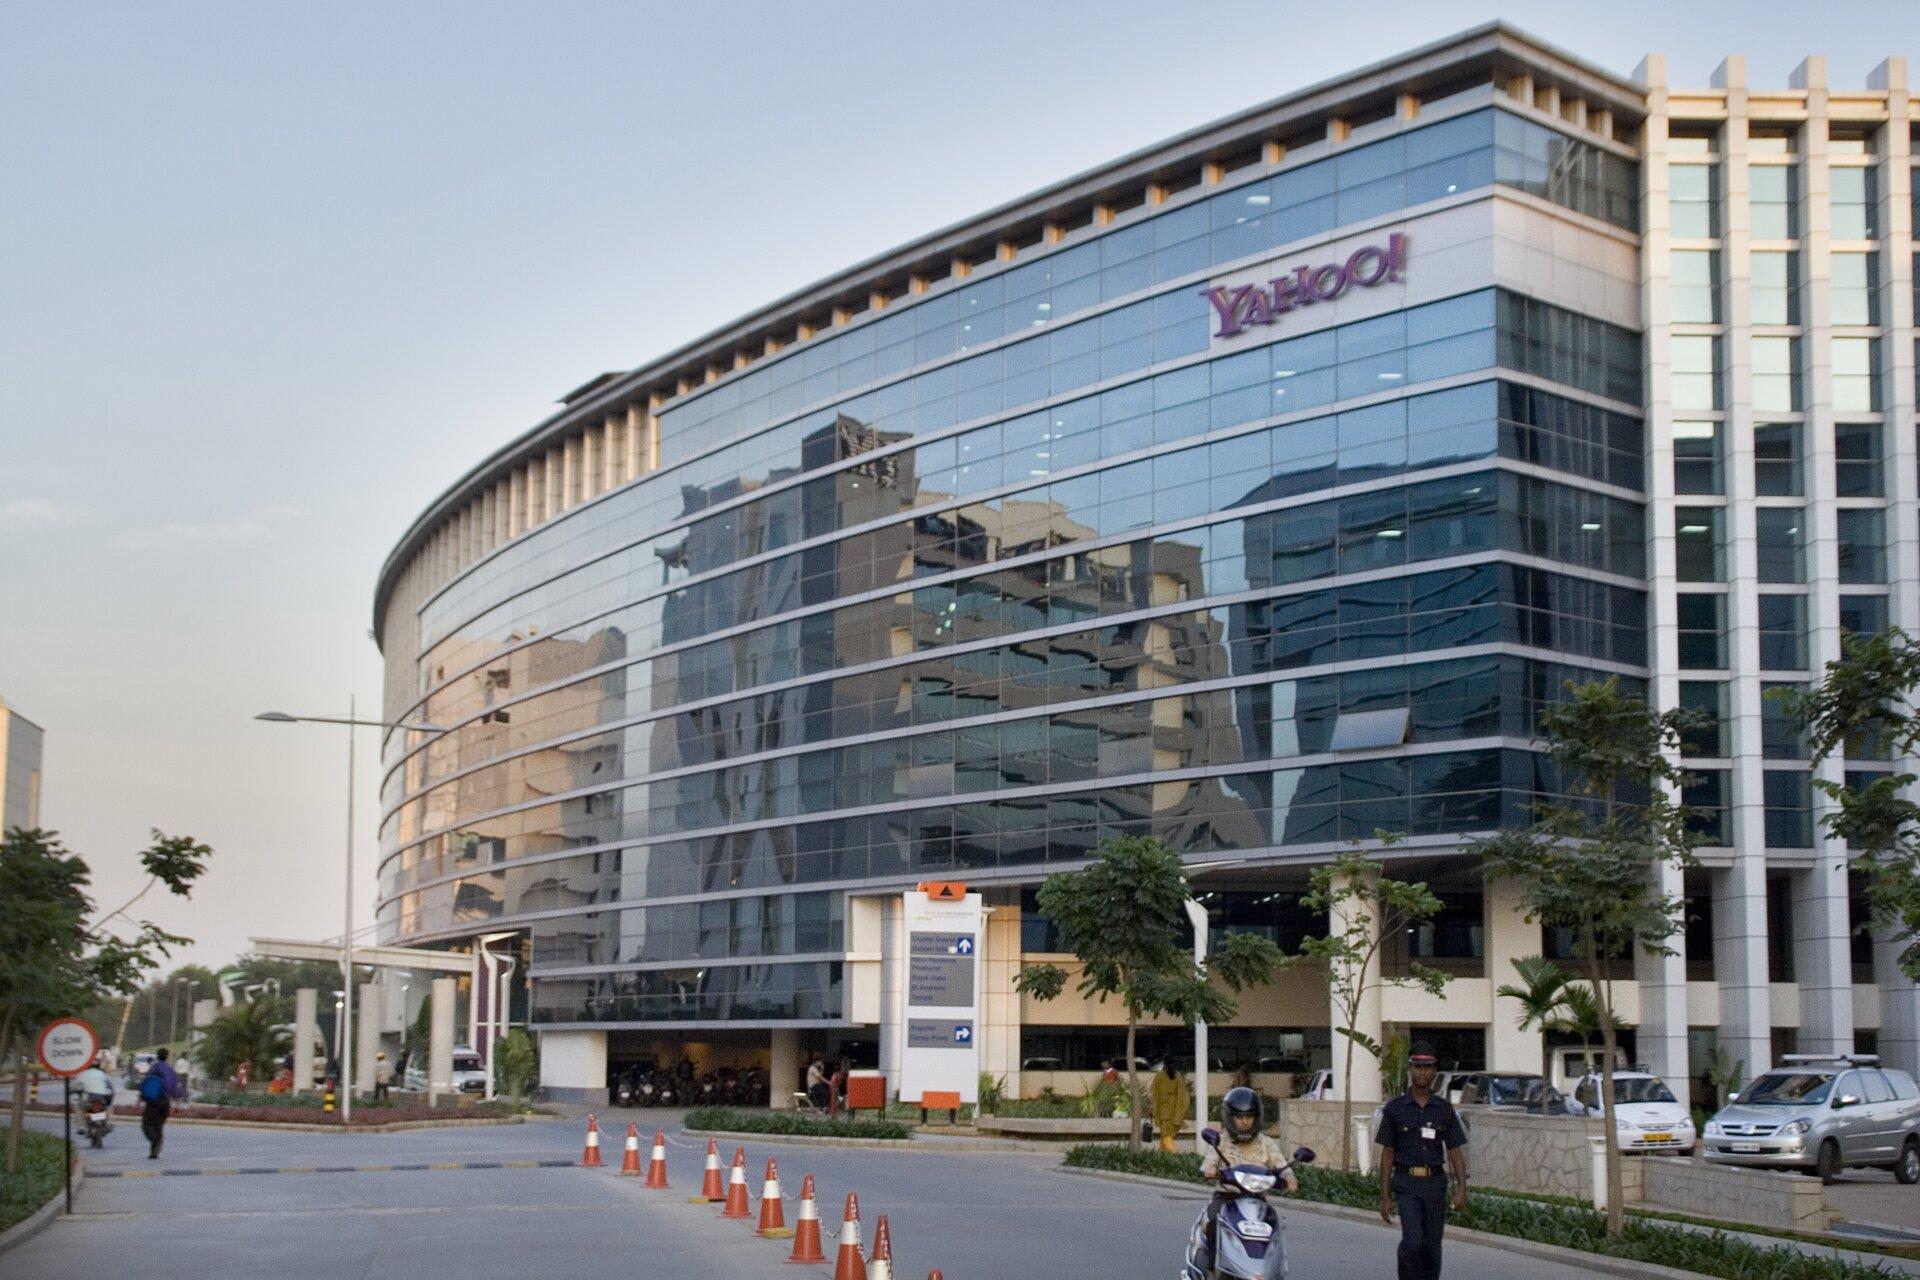 Na zdjęciu nowoczesny dziesięciopiętrowy budynek biurowy. Duże powierzchnie szklane. Napis Yahoo! Przed budynkiem droga dojazdowa na parking, kilka słupków drogowych, drzewa. Przechodnie.